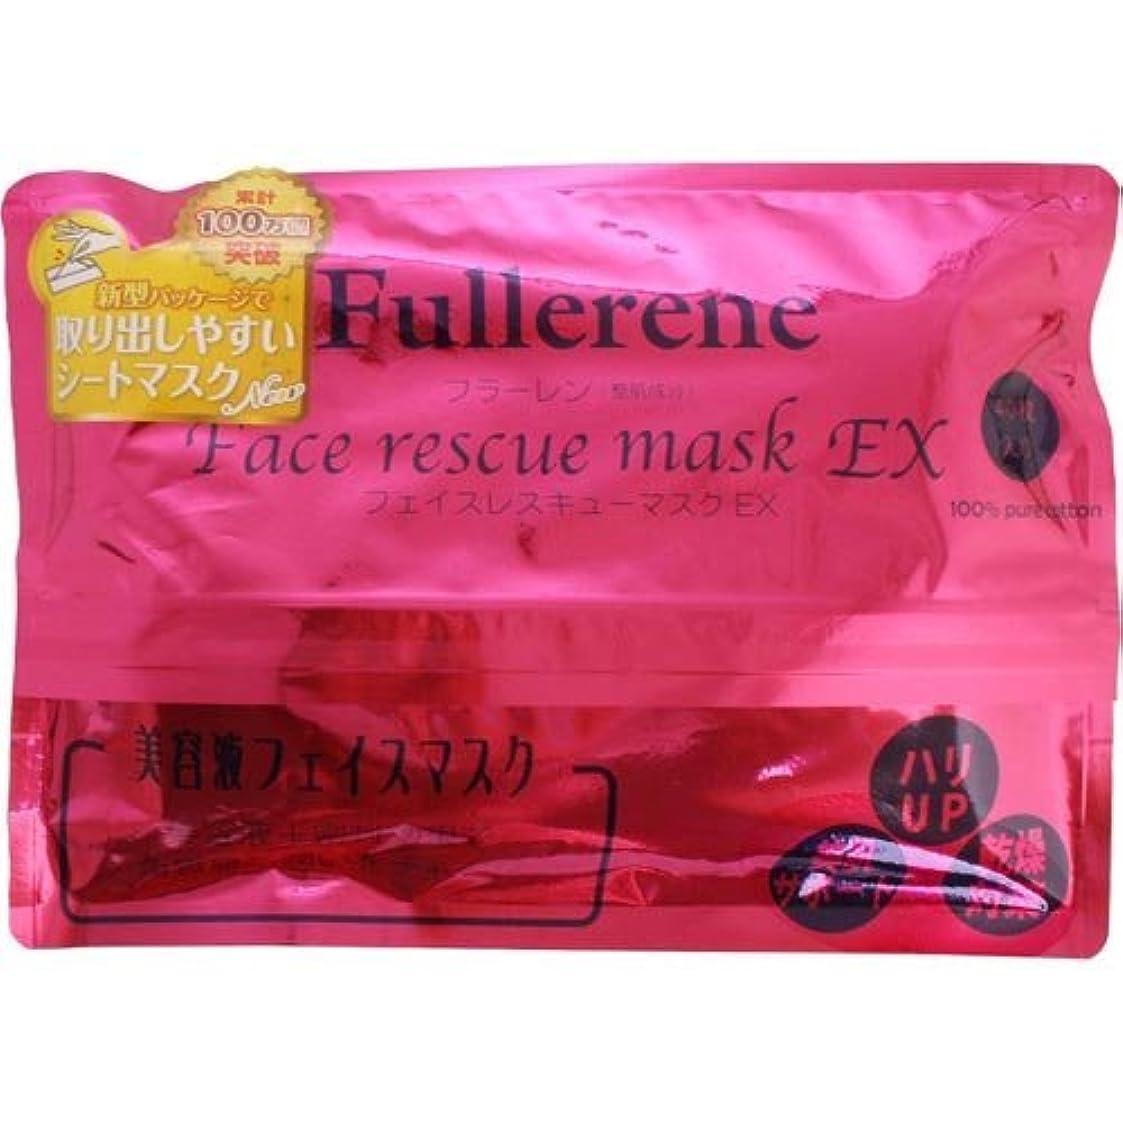 フラーレンフェイスレスキューマスク40枚入り EX[Fullerene]